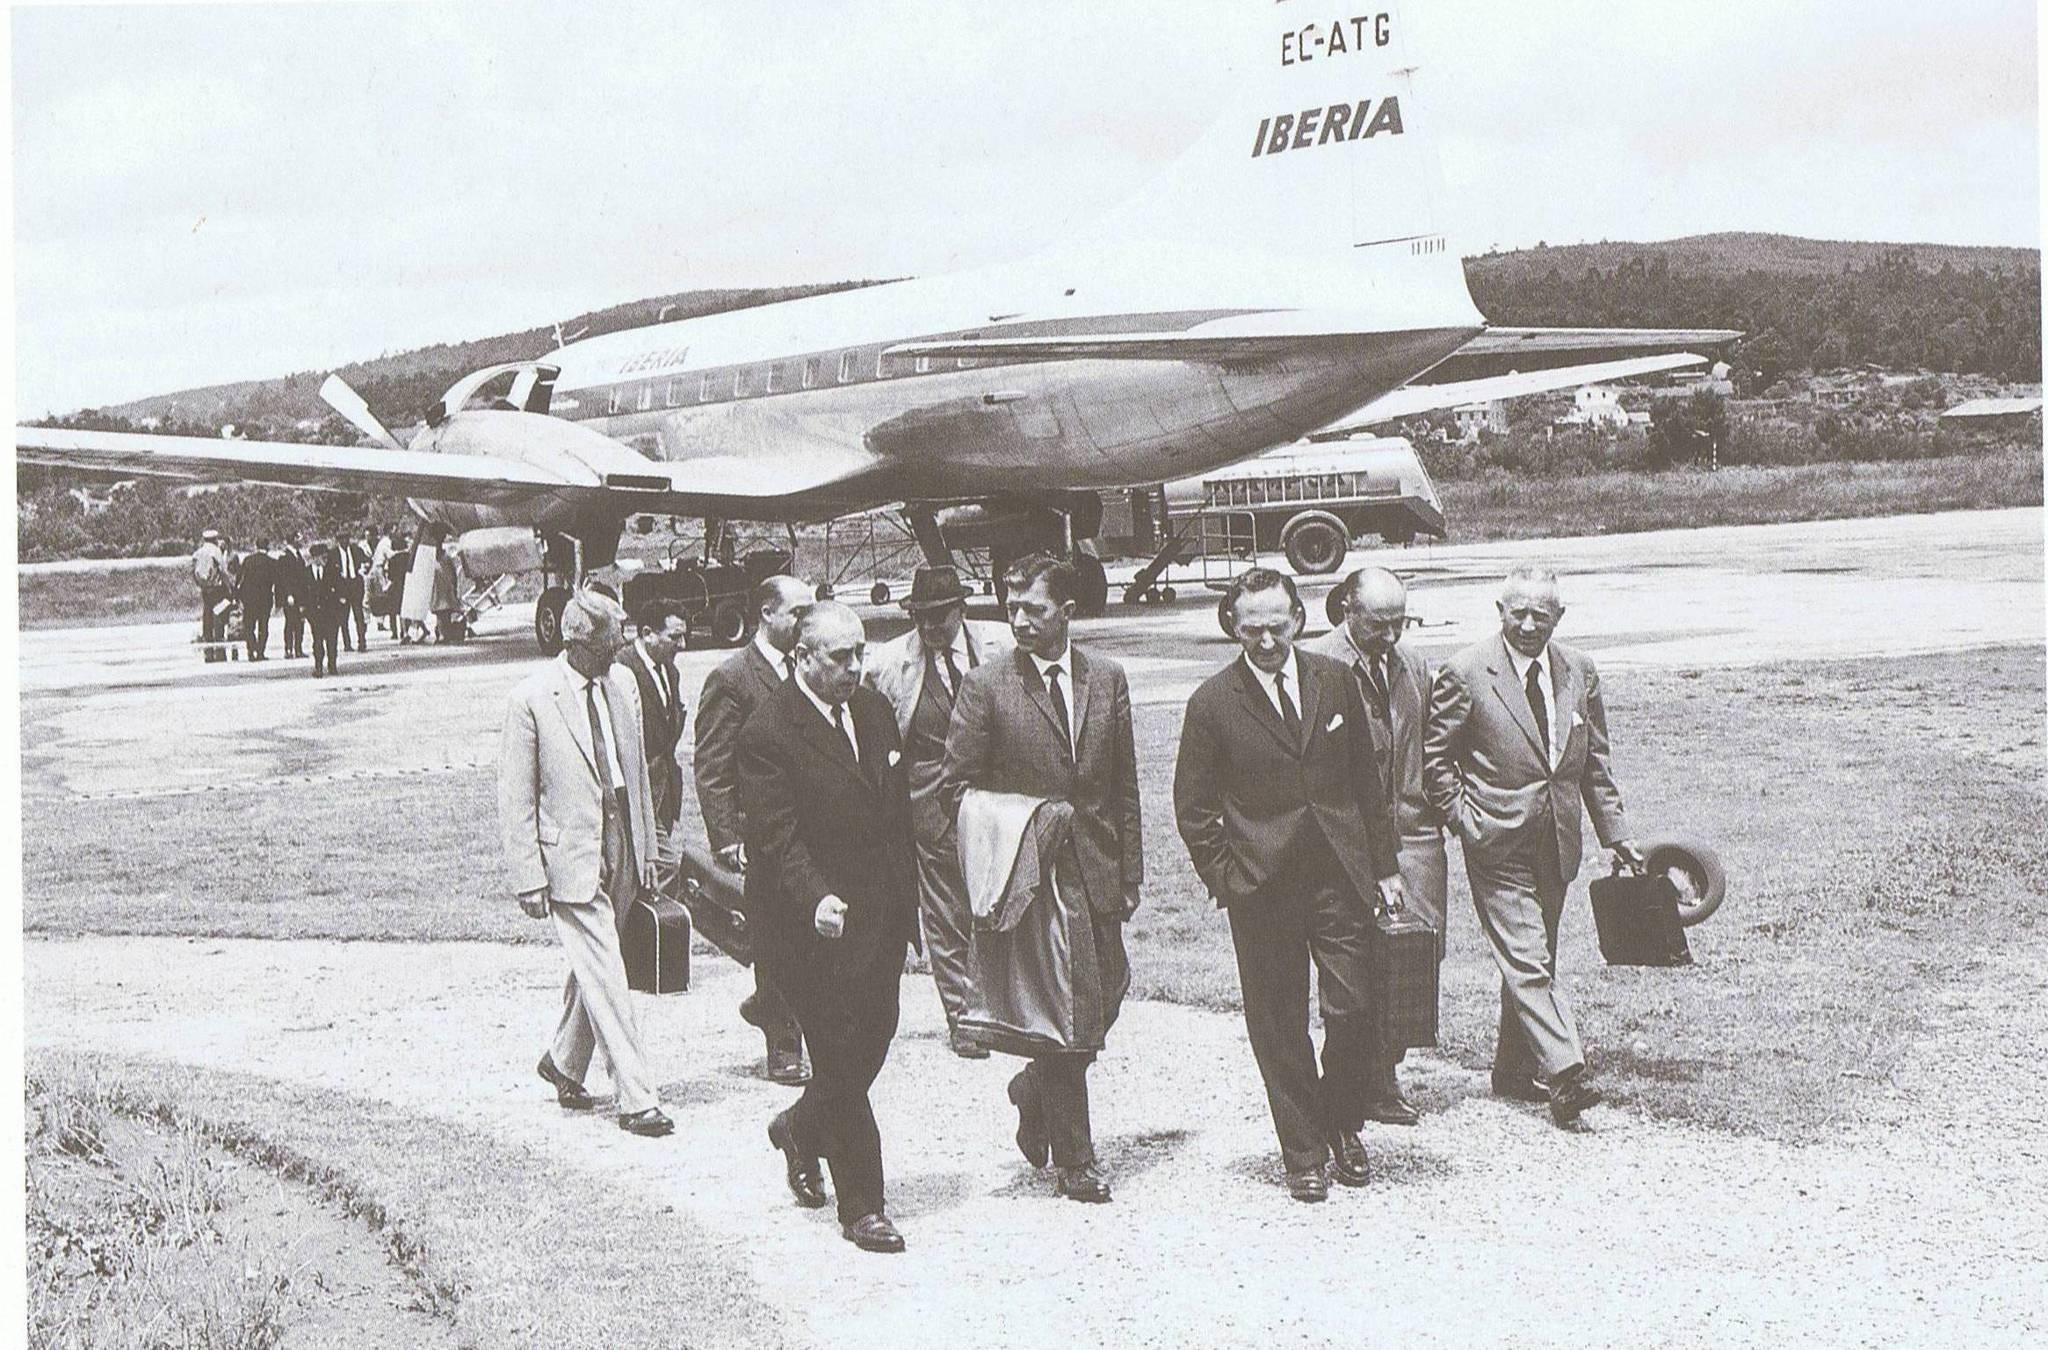 aerop. Directivos vigueses llegando a la terminal. Años 60